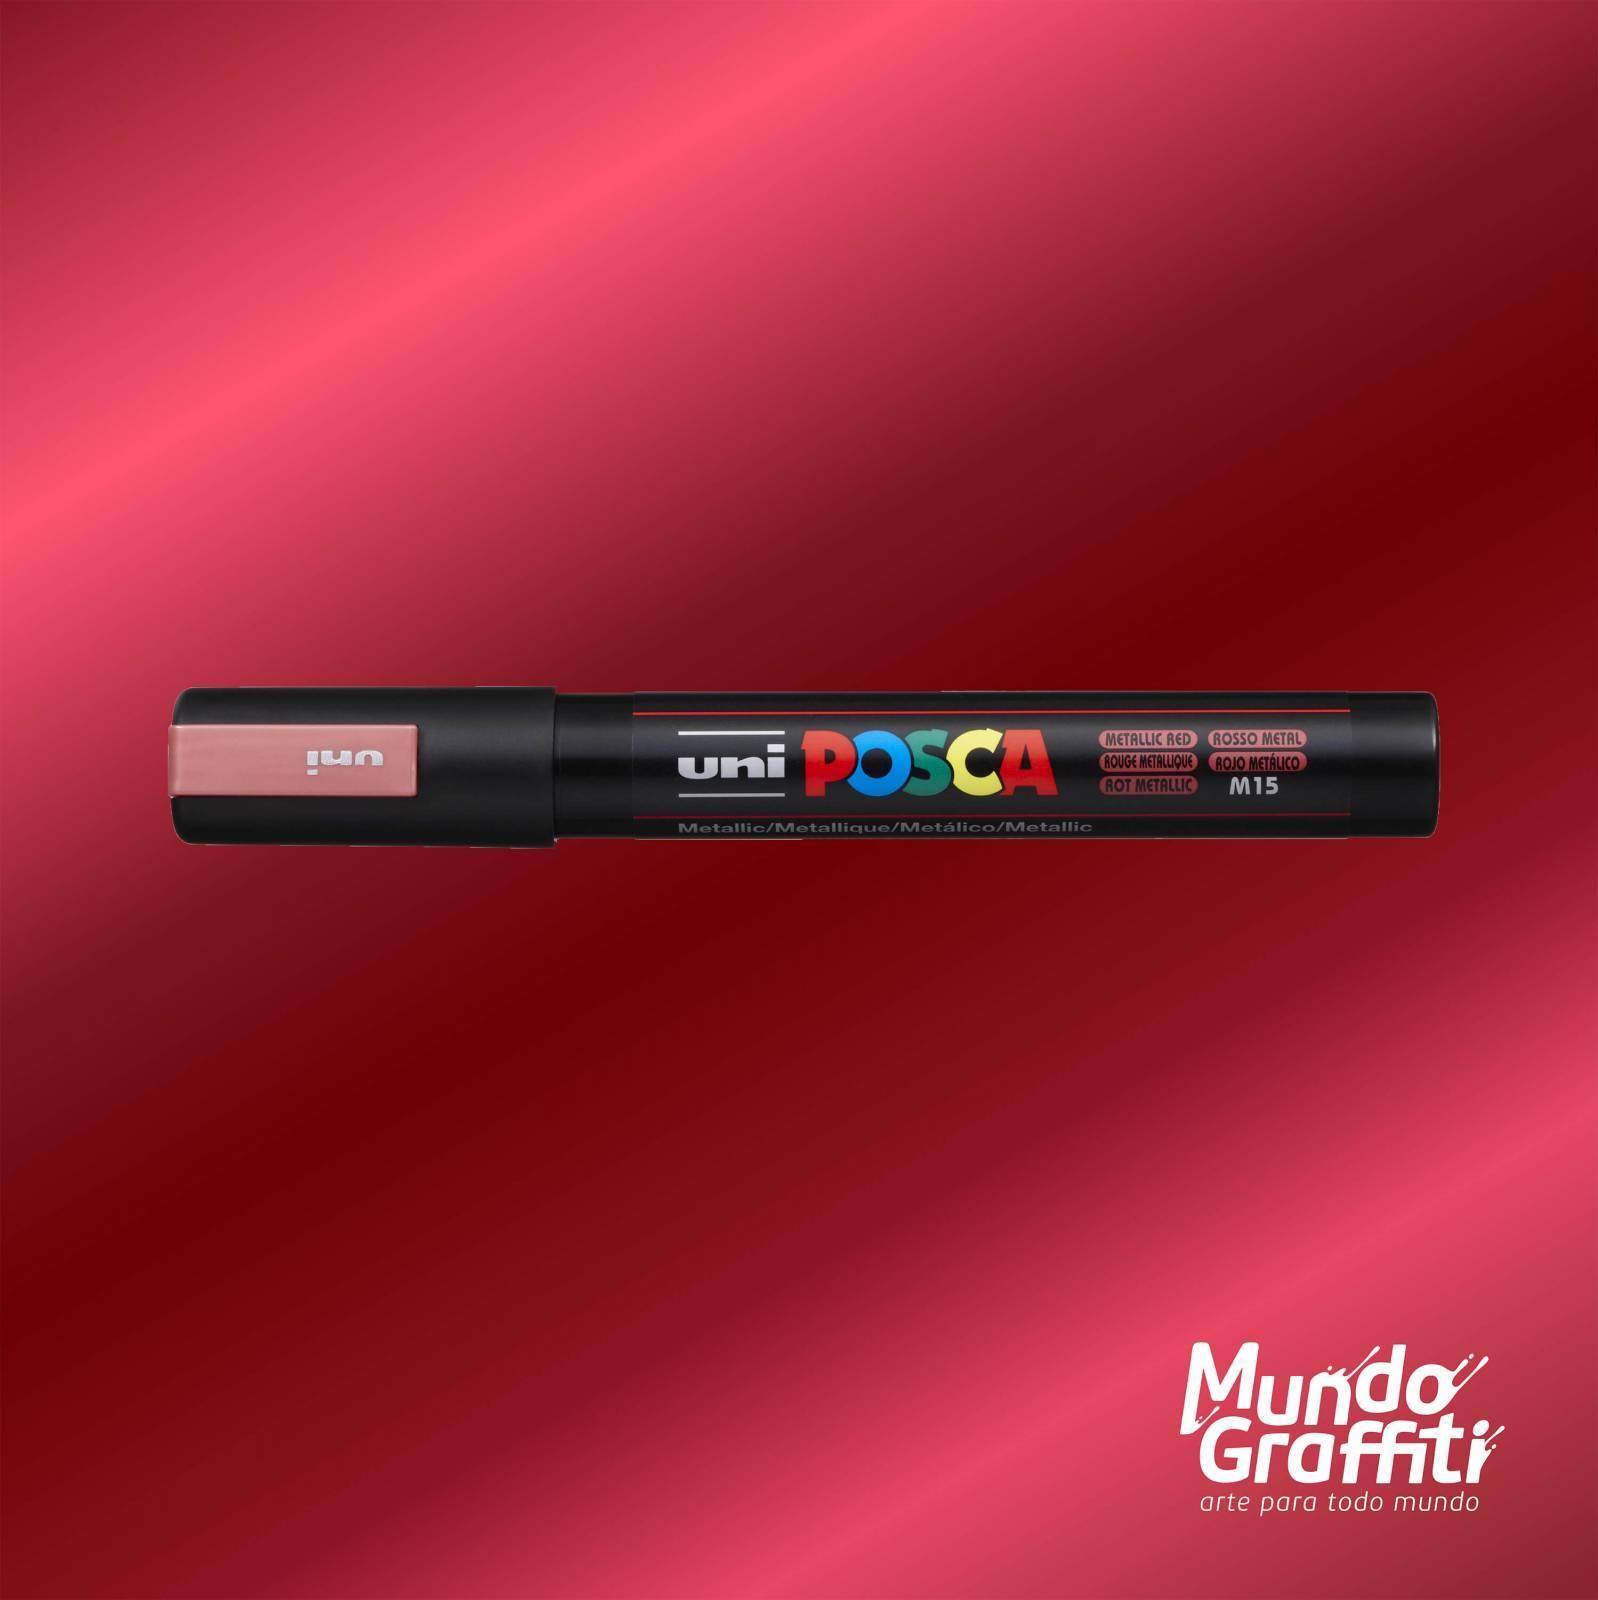 Caneta Posca 5M Vermelho Metálico - Mundo Graffiti